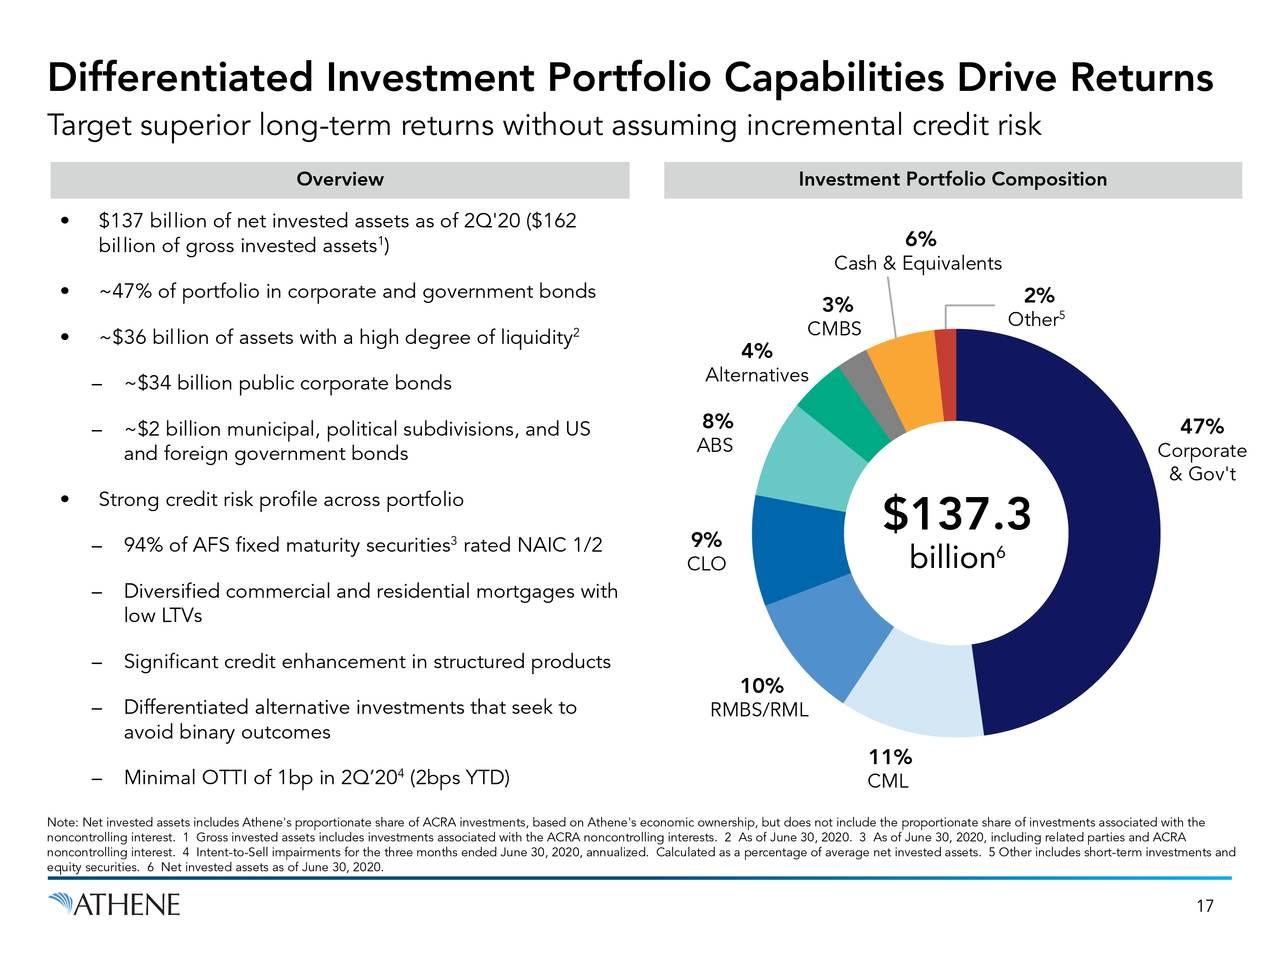 Las capacidades diferenciadas de la cartera de inversiones impulsan la rentabilidad